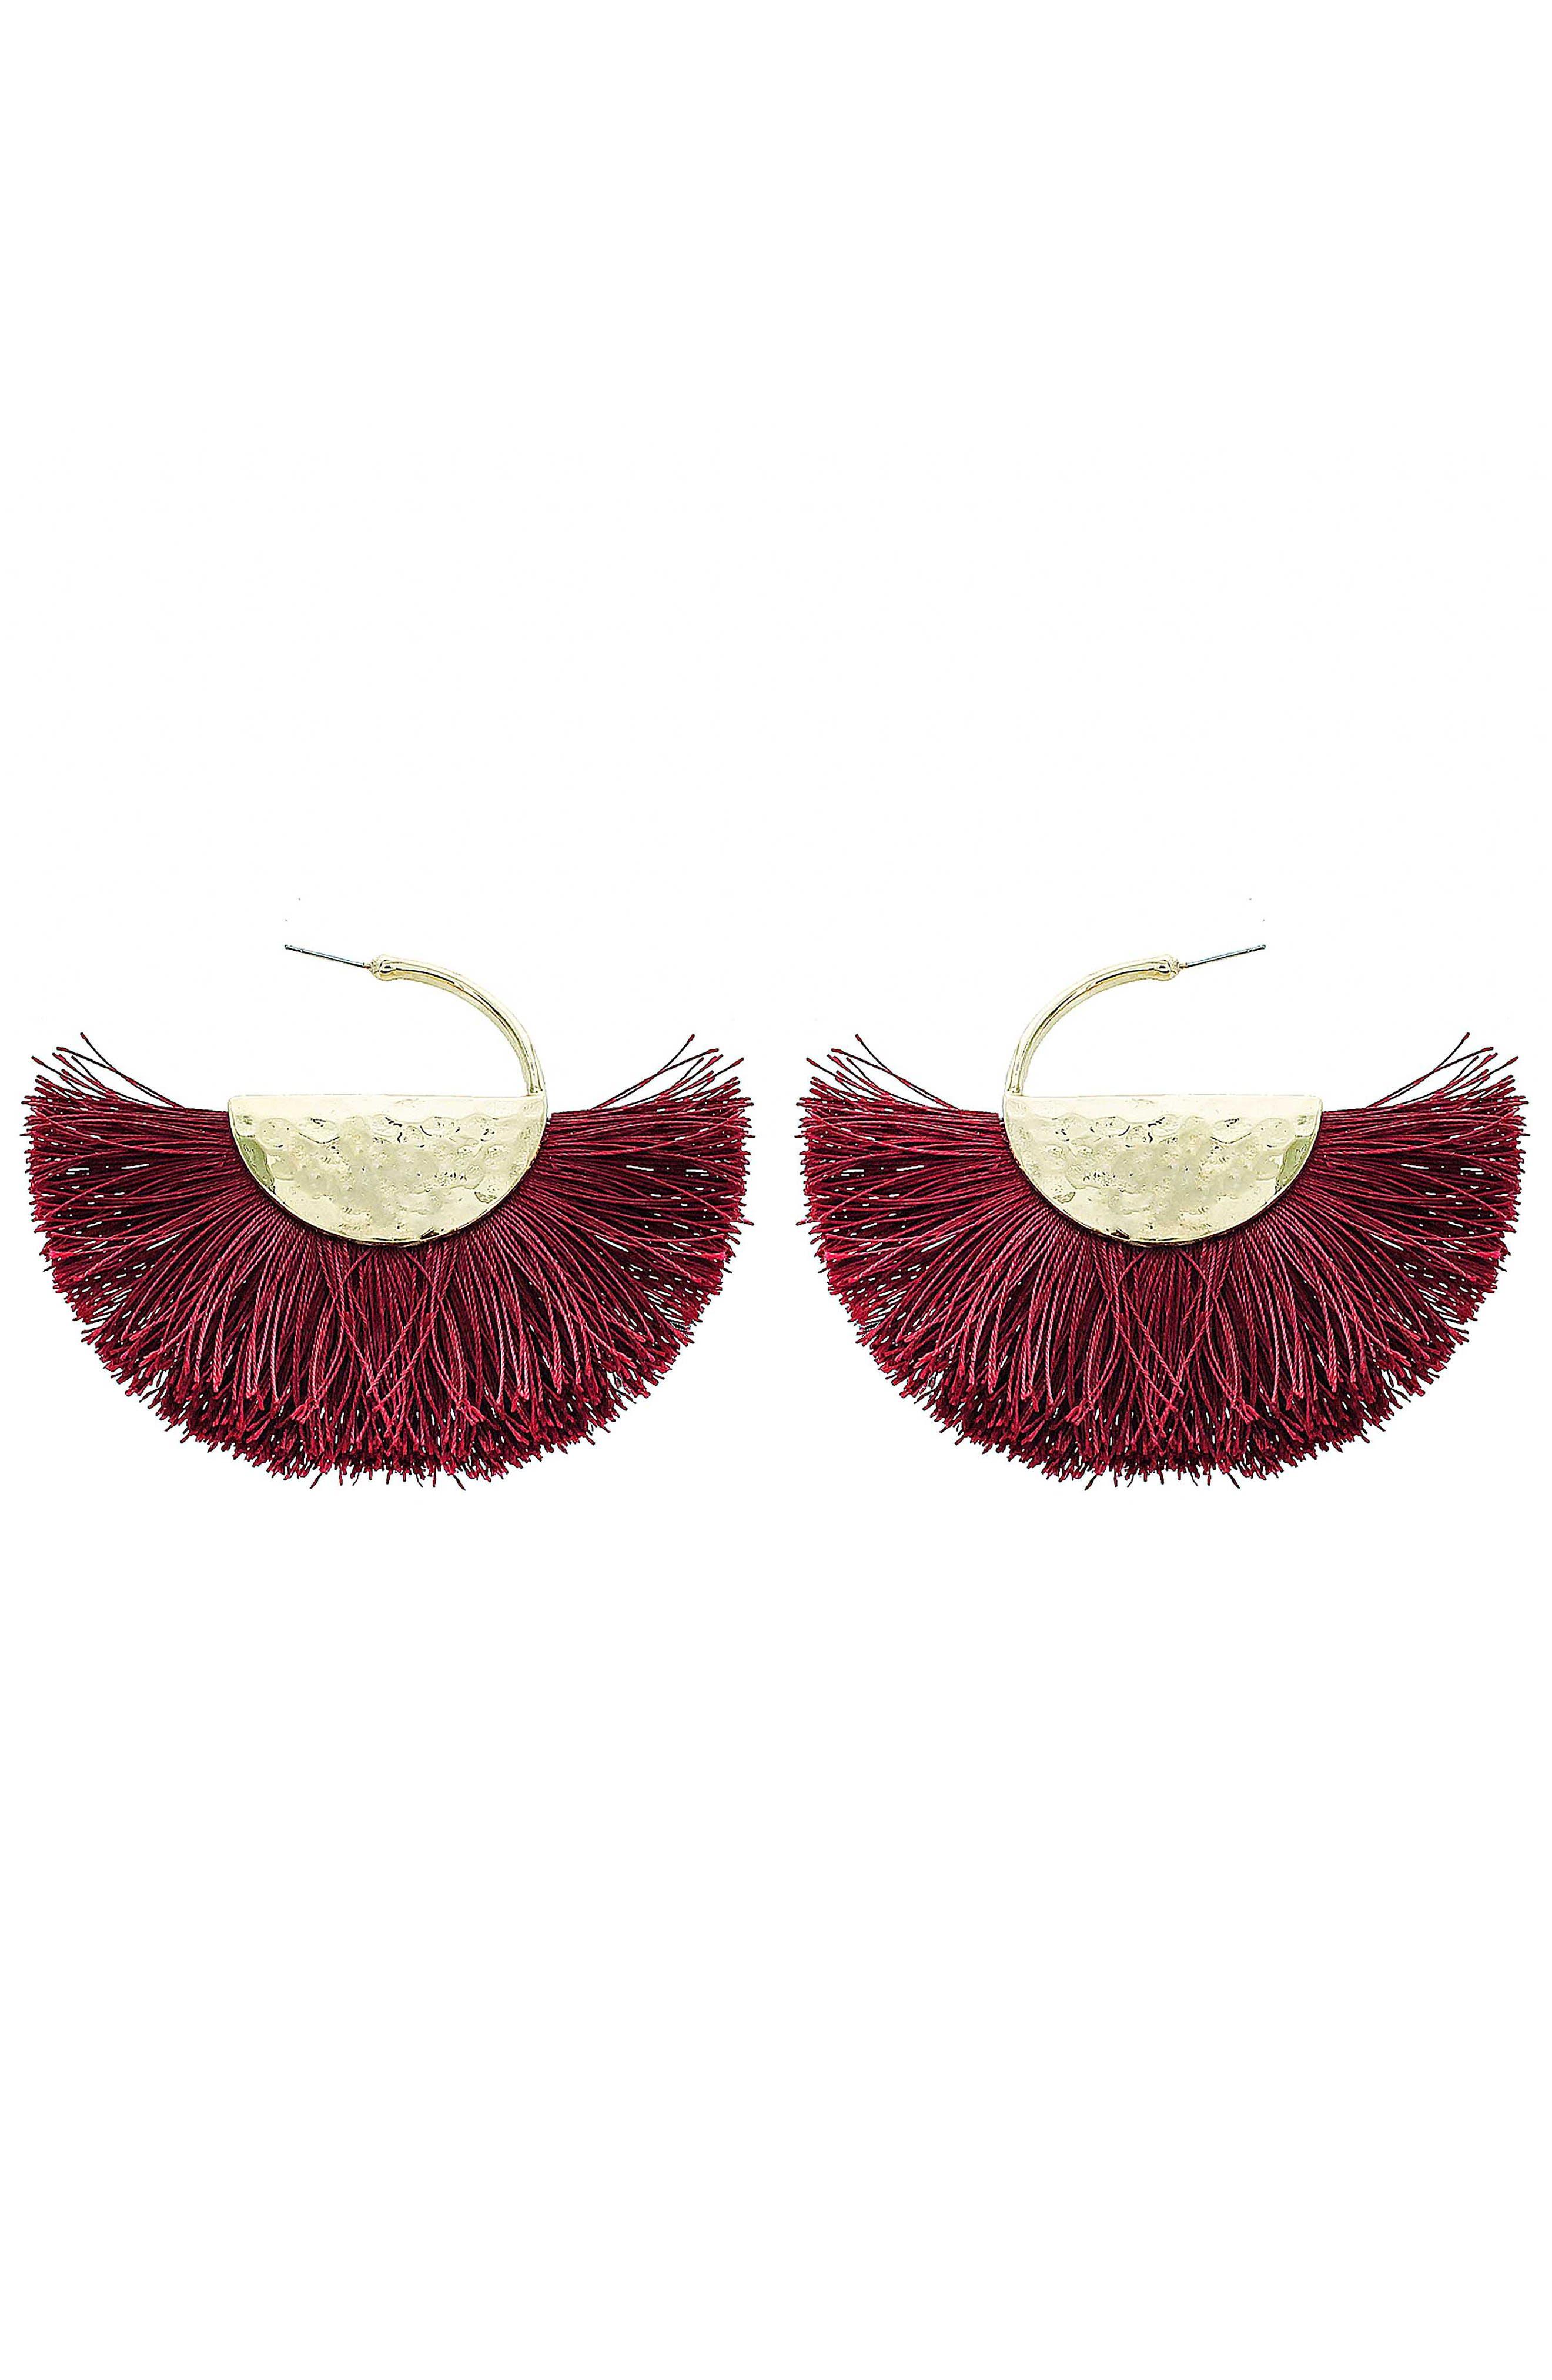 PANACEA Fringe Fan Earrings in Brown